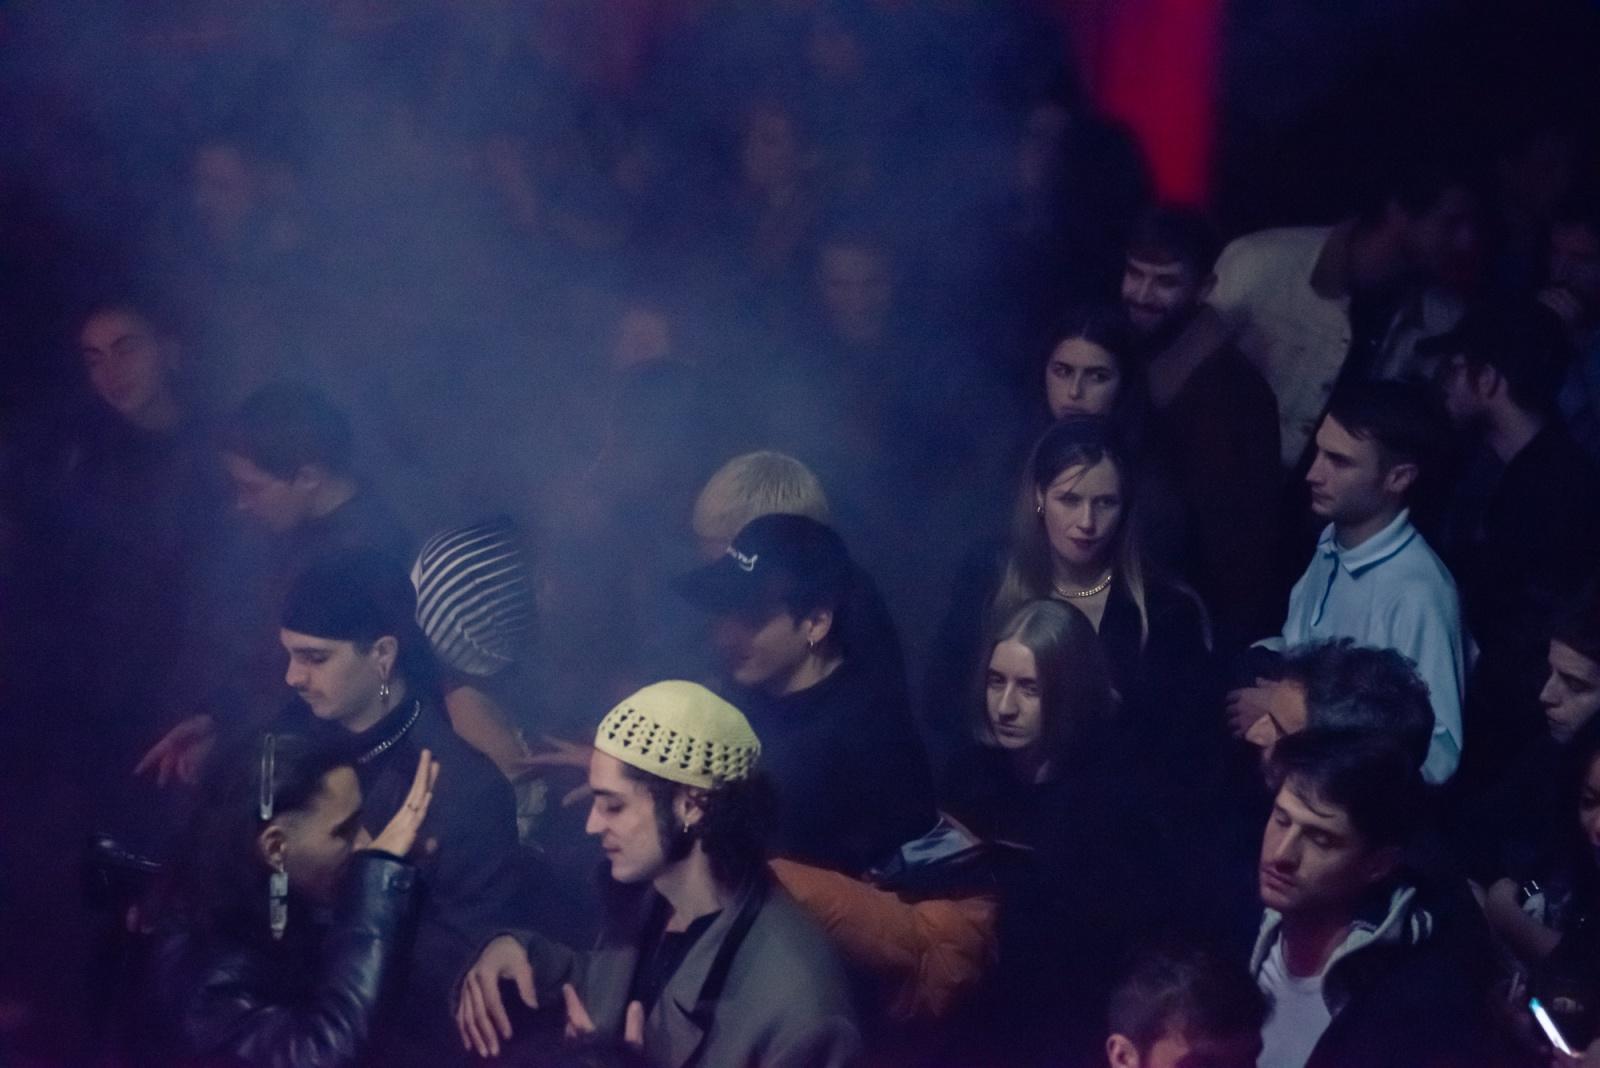 Nite Clubberz